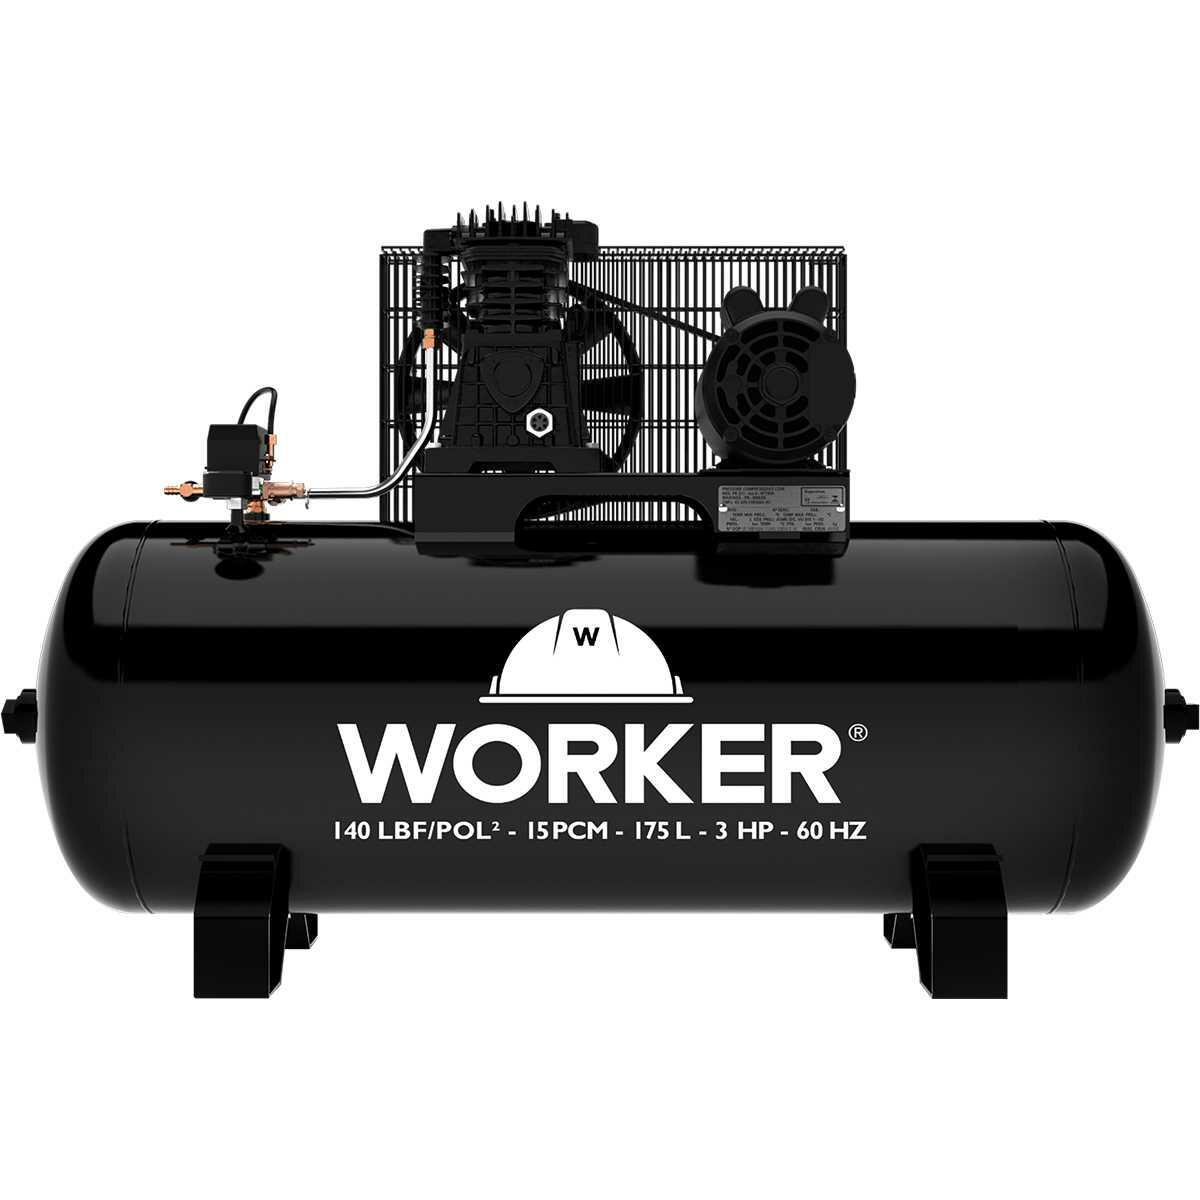 Compressor de Ar Profissional 15Pcm - 3Hp Monofásico 127/220V Worker